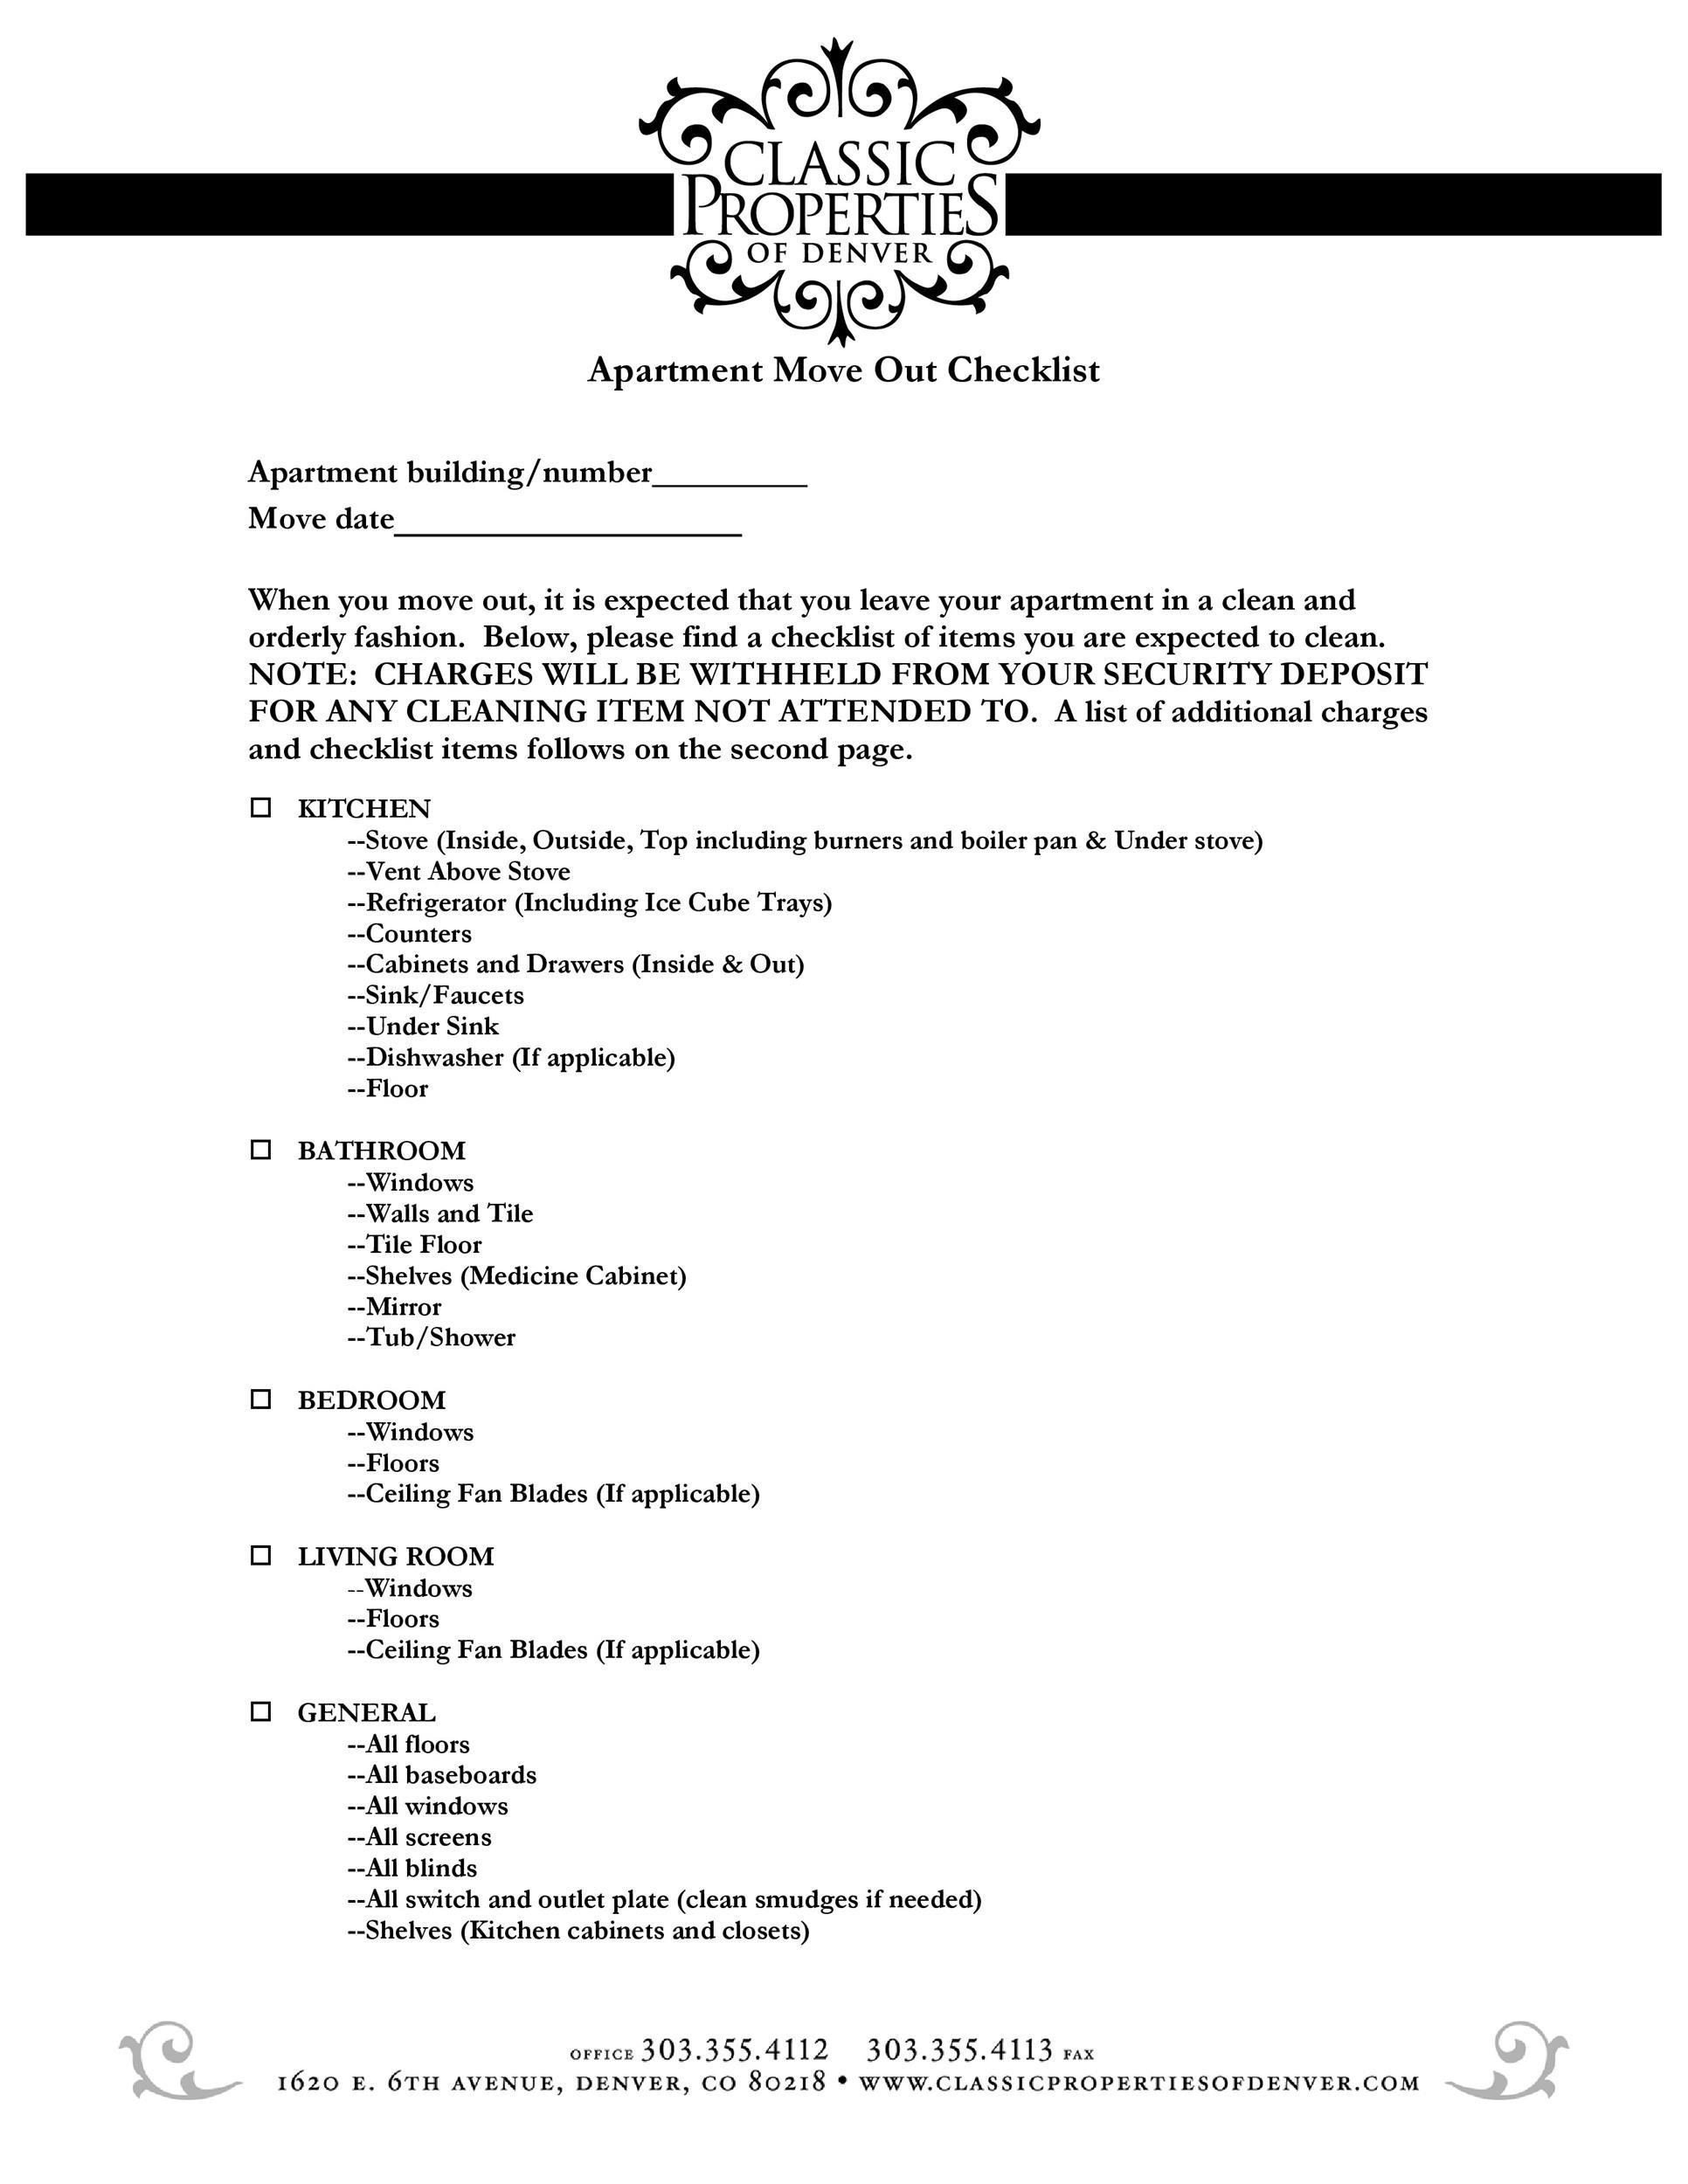 apartment moving checklist - Targer.golden-dragon.co